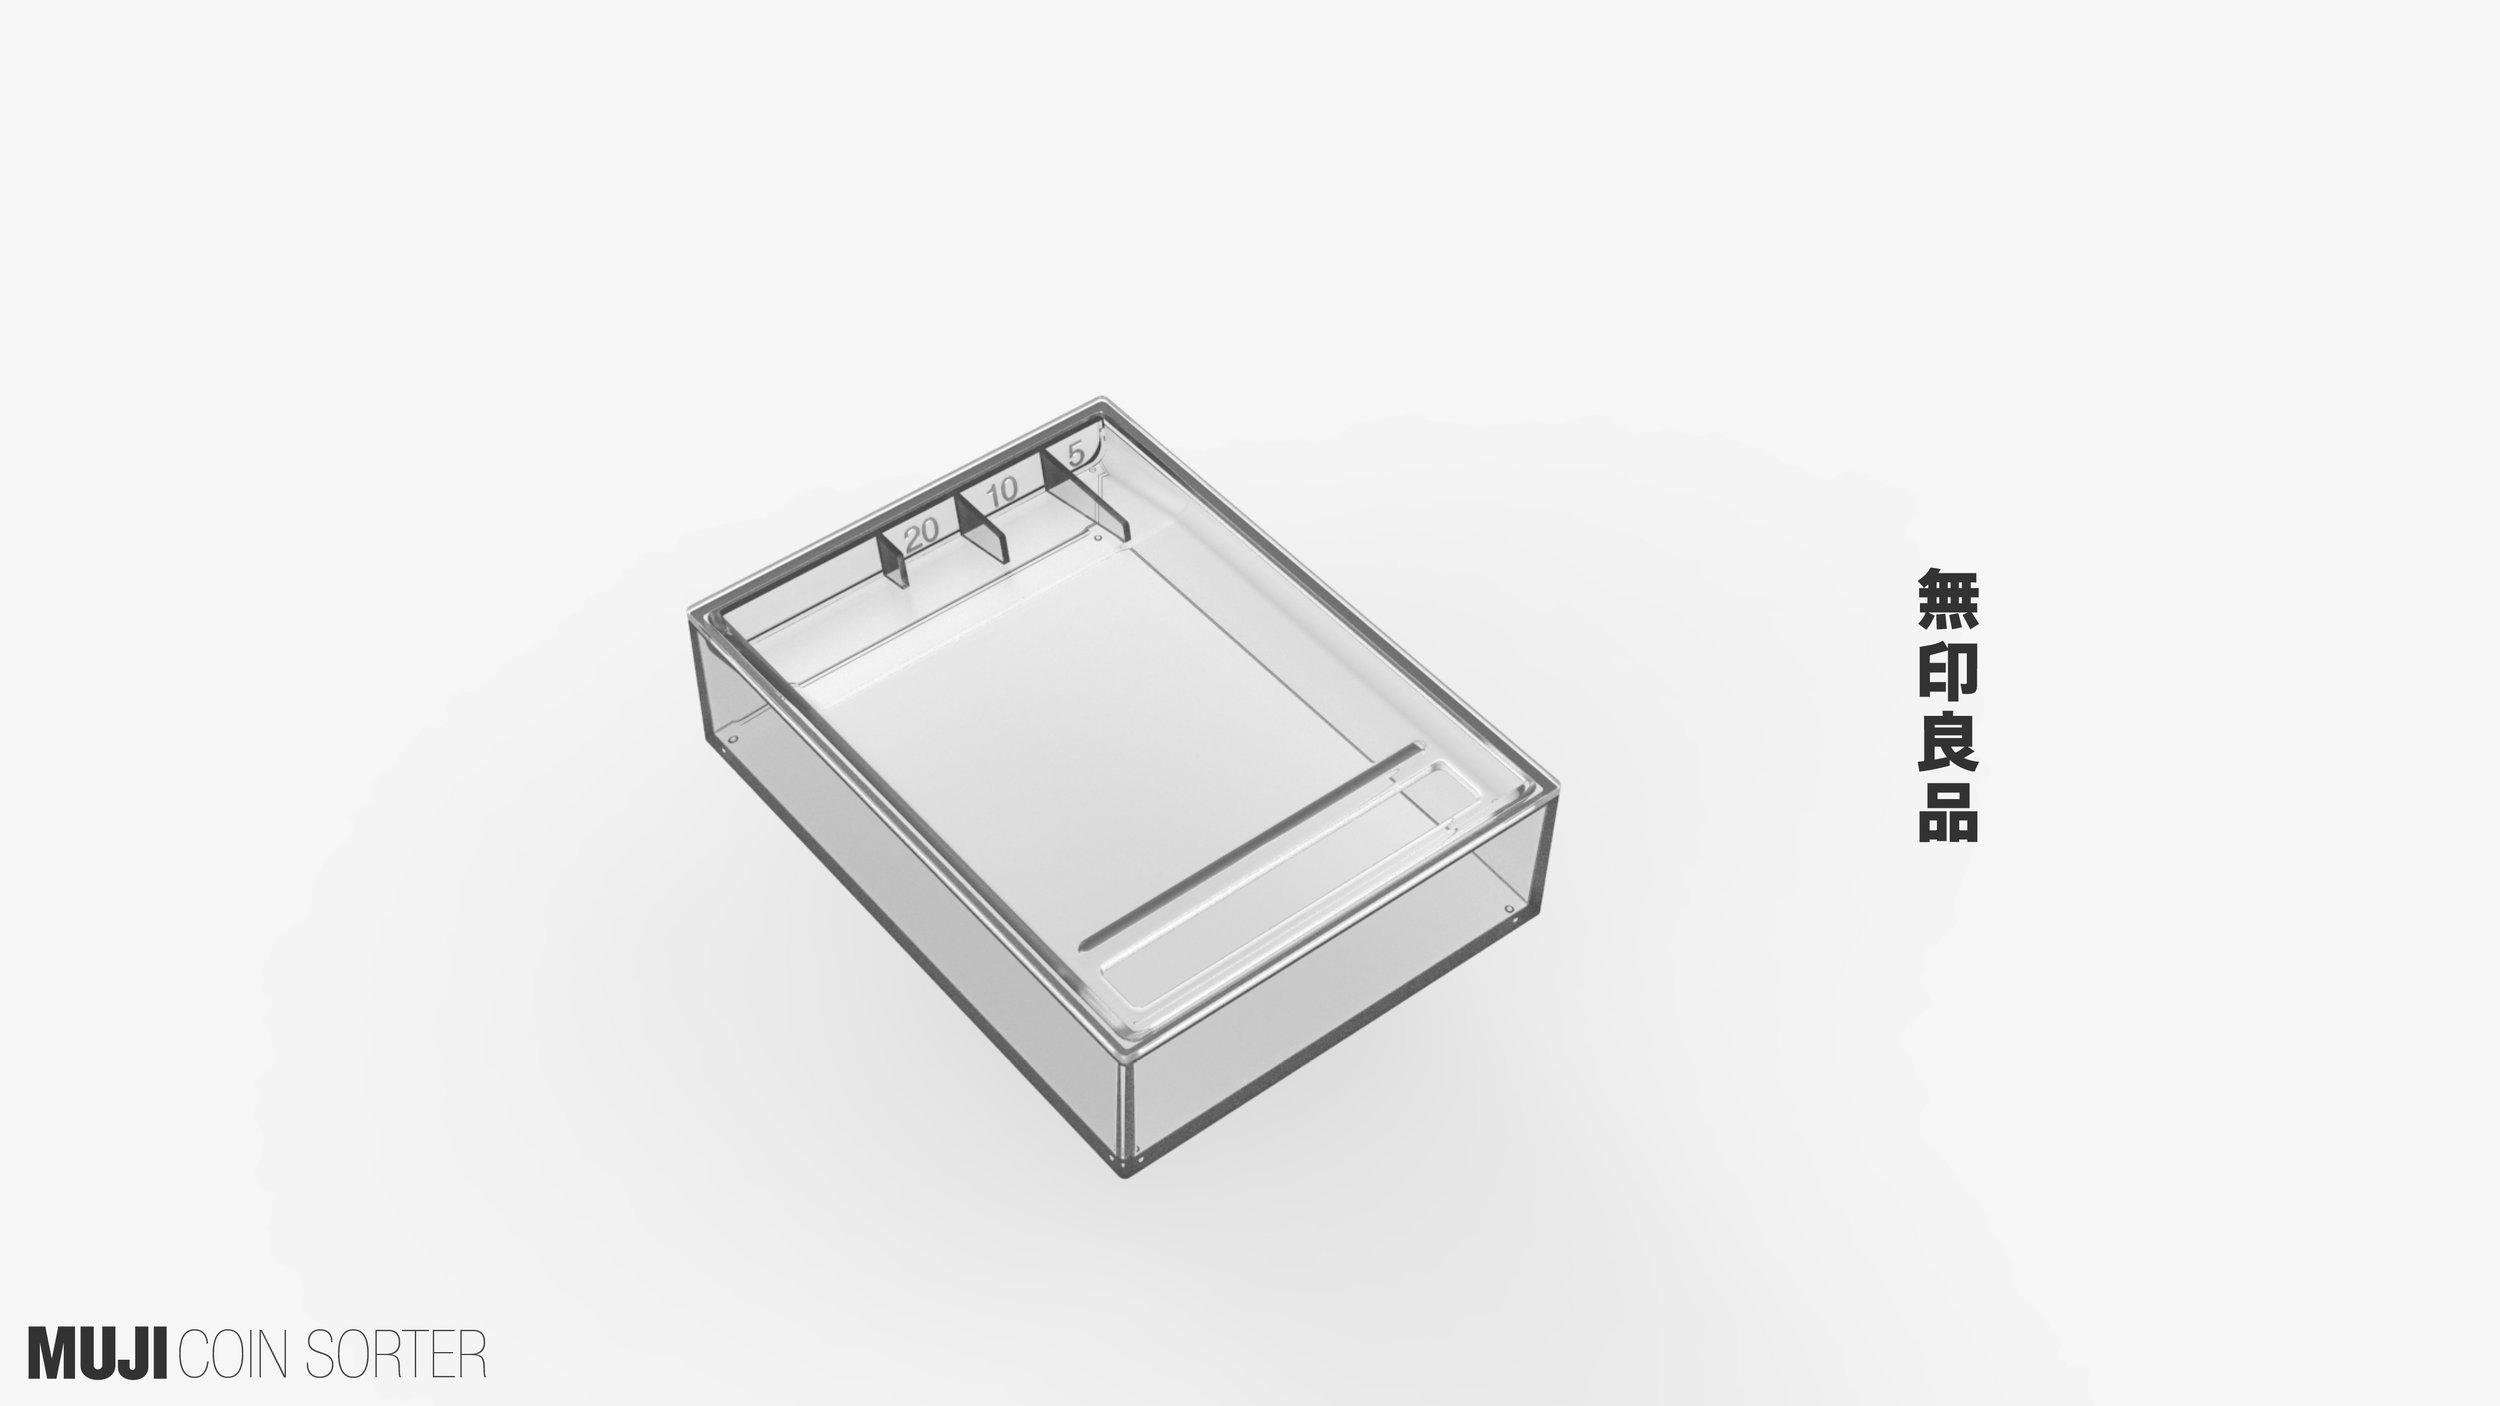 unit11_Muji_Presentation_Huanwen JIAO_SUPER LOW RES64.jpg